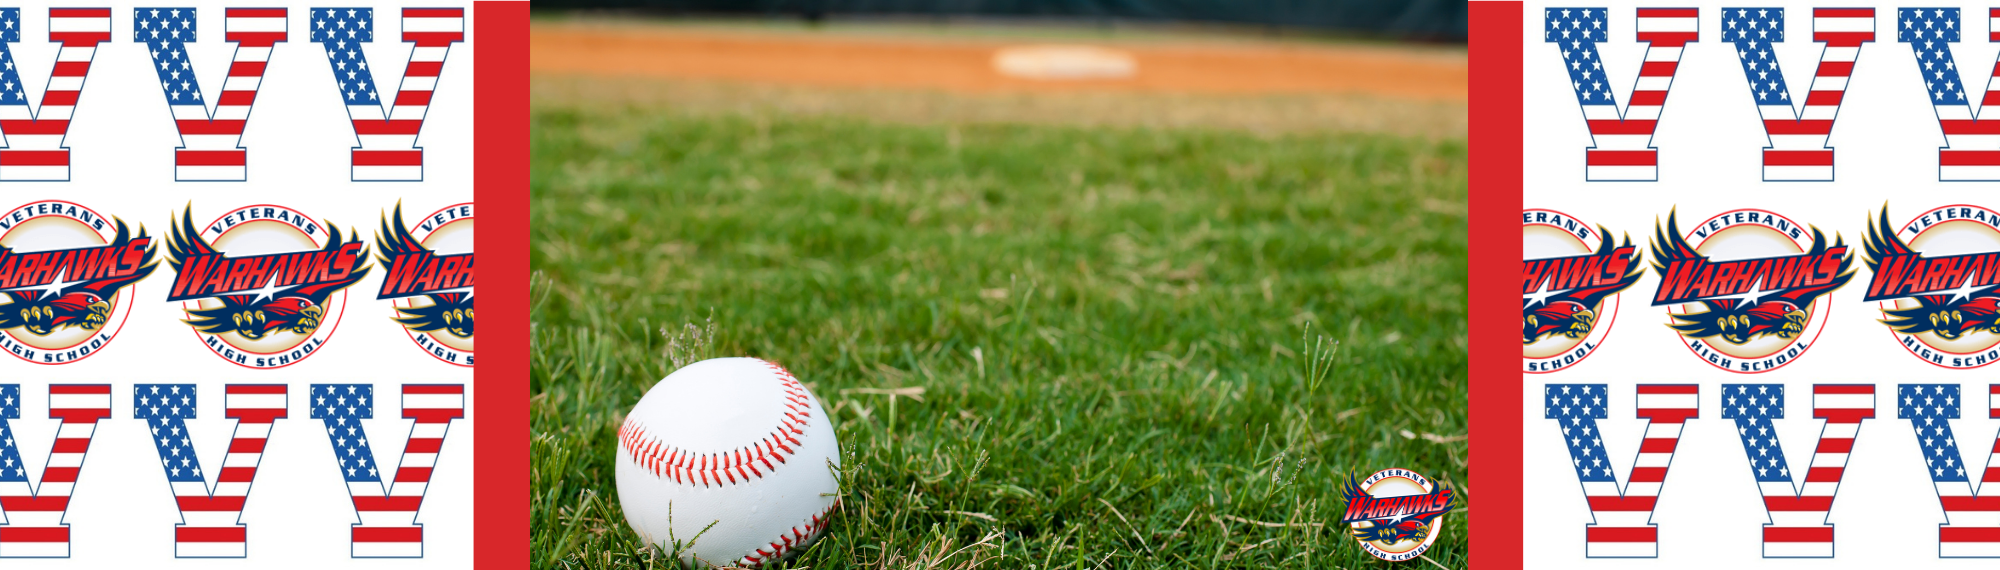 Warhawk Baseball